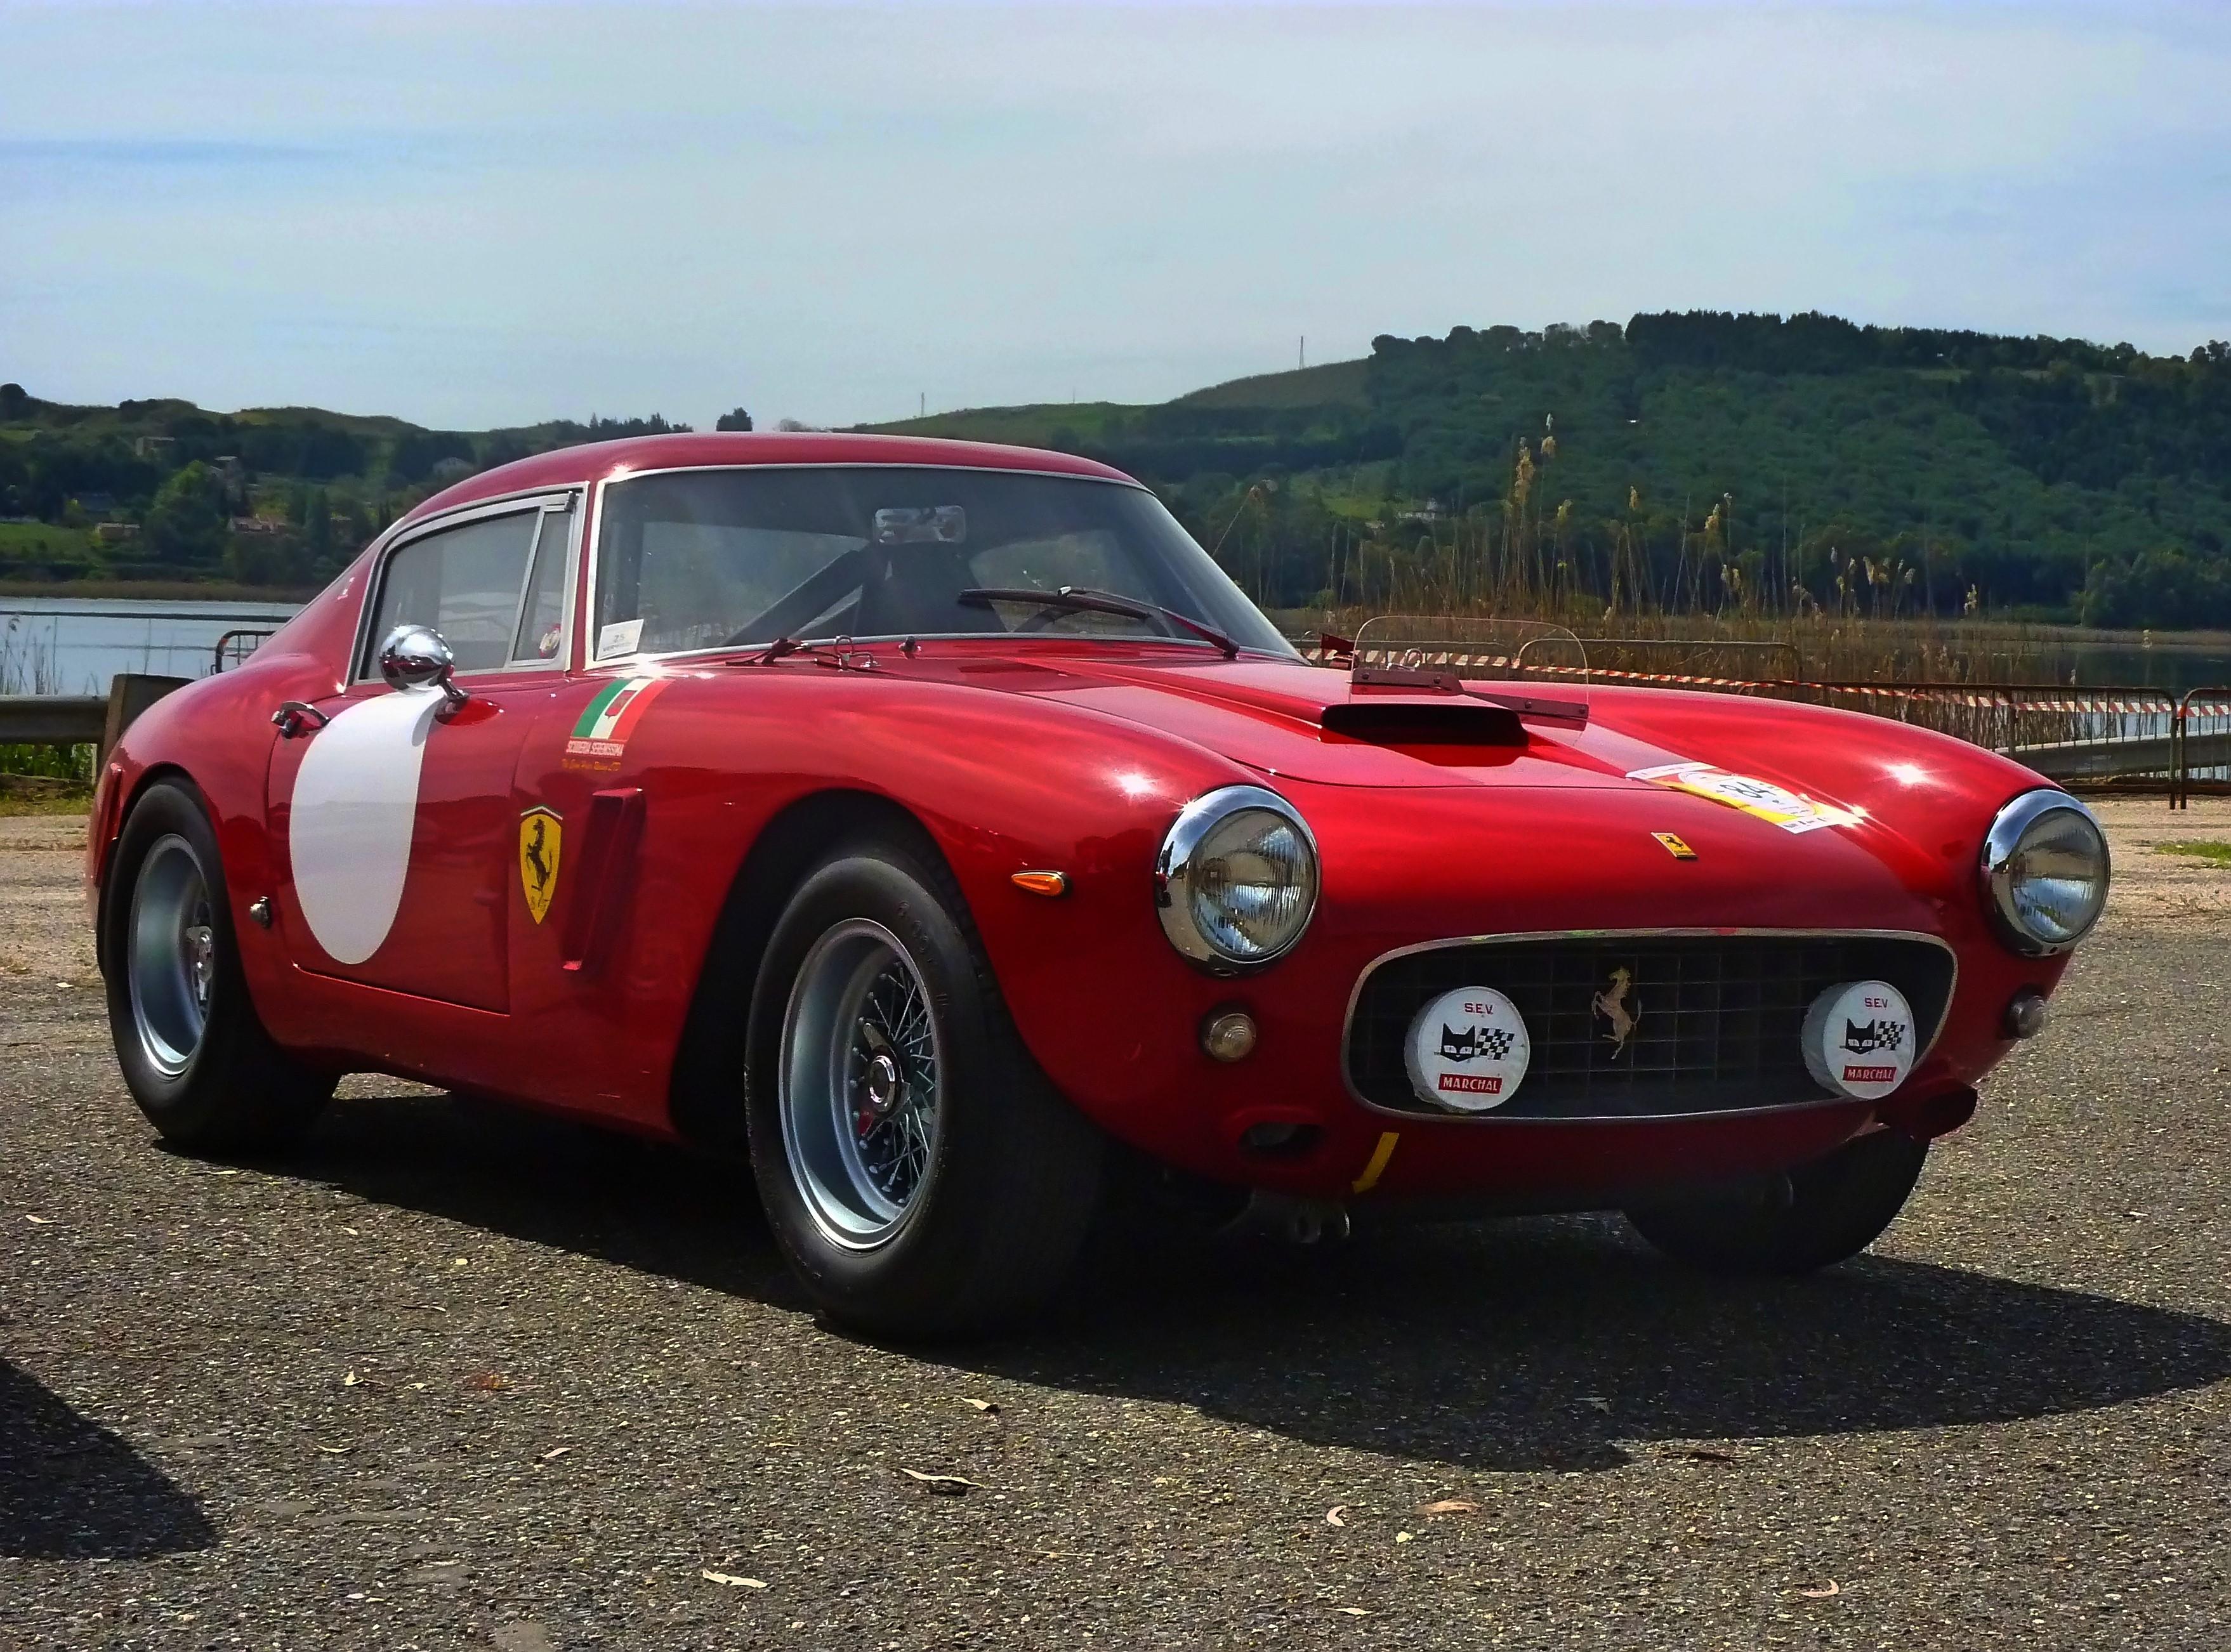 1961 Ferrari 250 GT SWB #2701 (20)_filtered